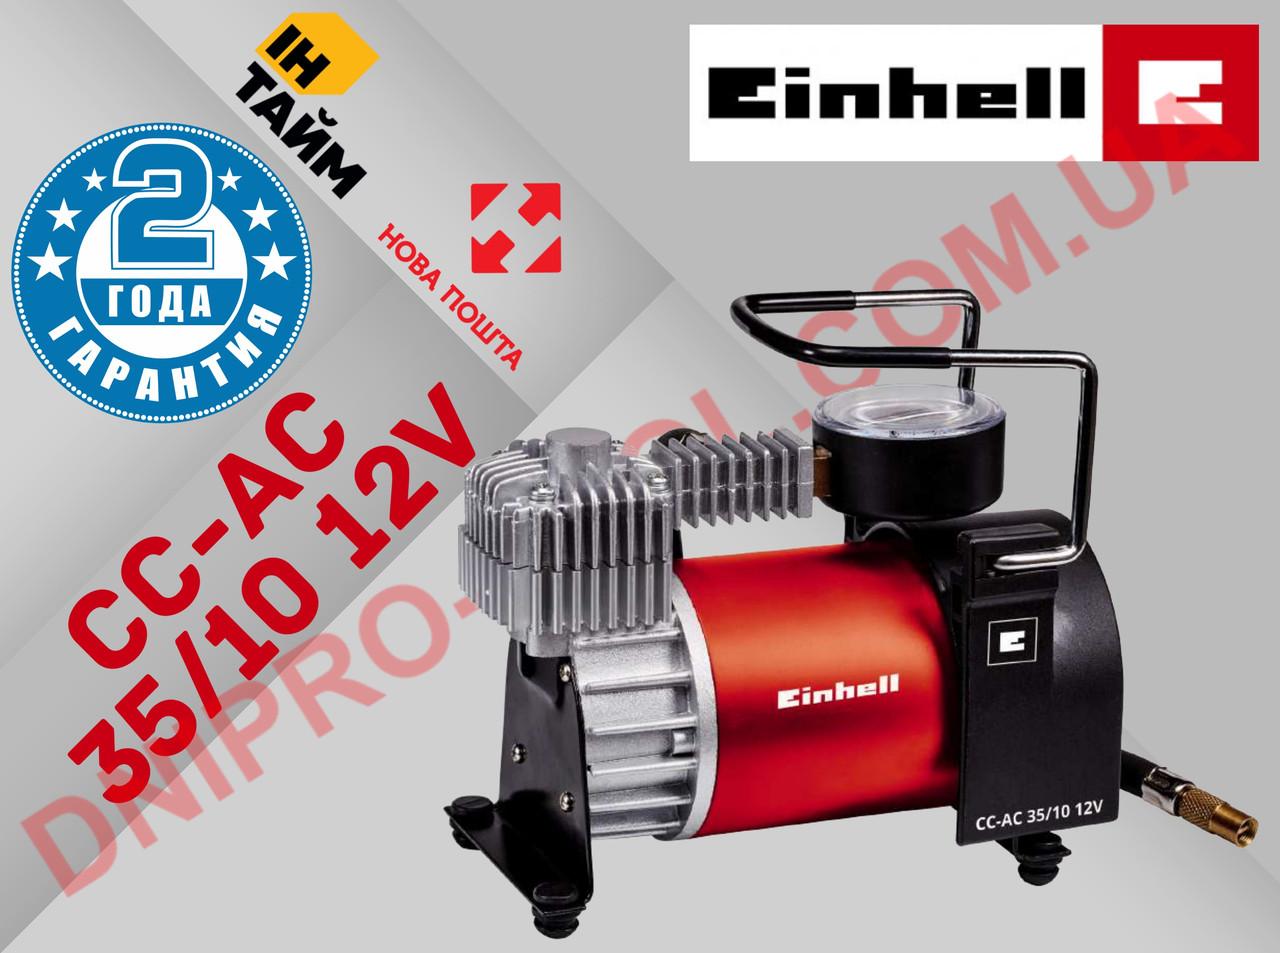 Автомобильный компрессор  Einhell CC-AC 35/10 12V (2072121)